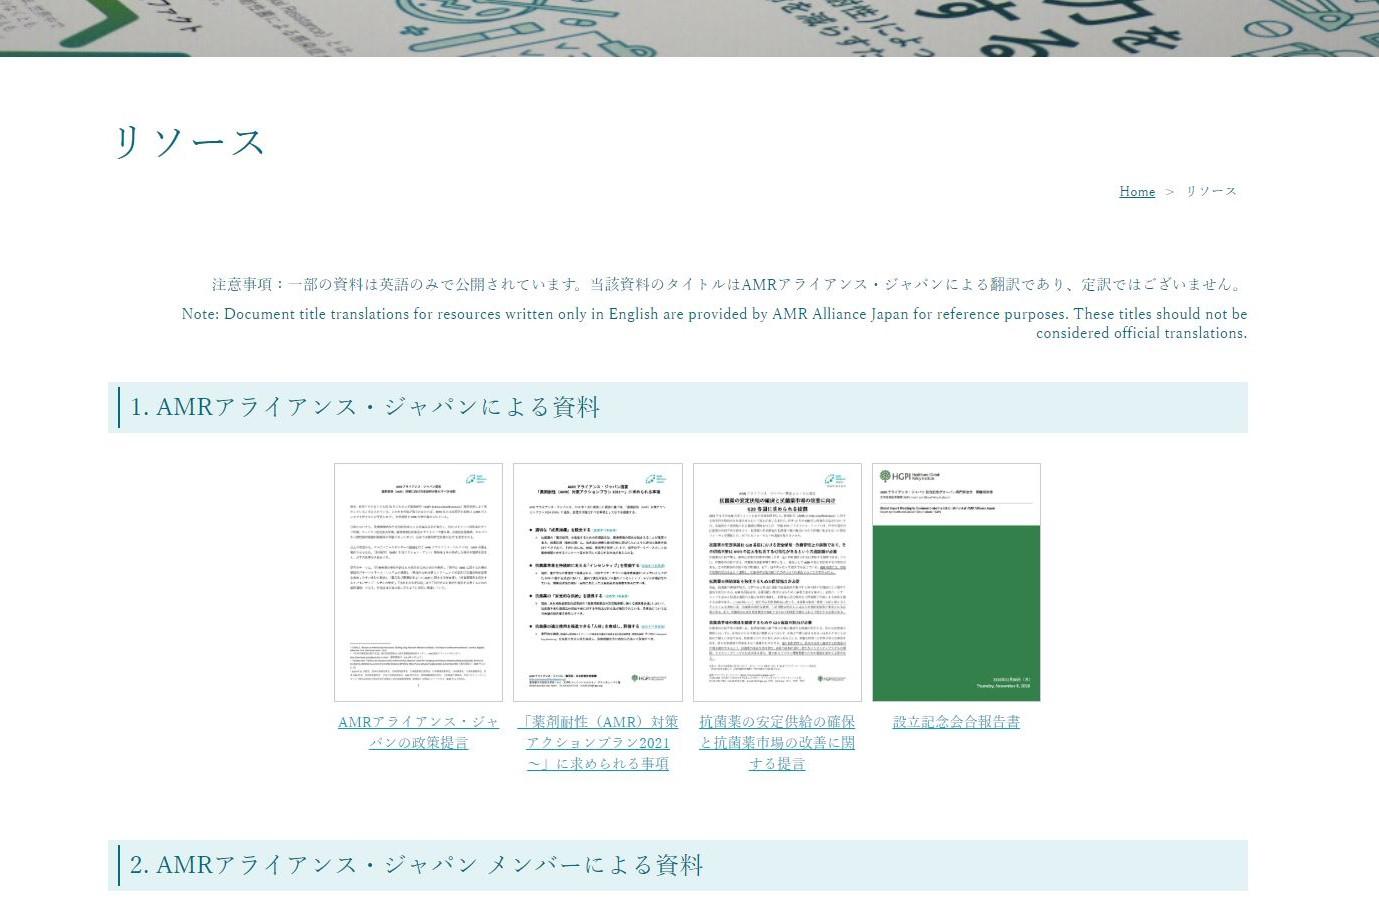 【プレスリリース】AMRアライアンス・ジャパン:国内外のAMRに関する情報をまとめたリソースページをウェブサイトにて公開(2020年7月31日)